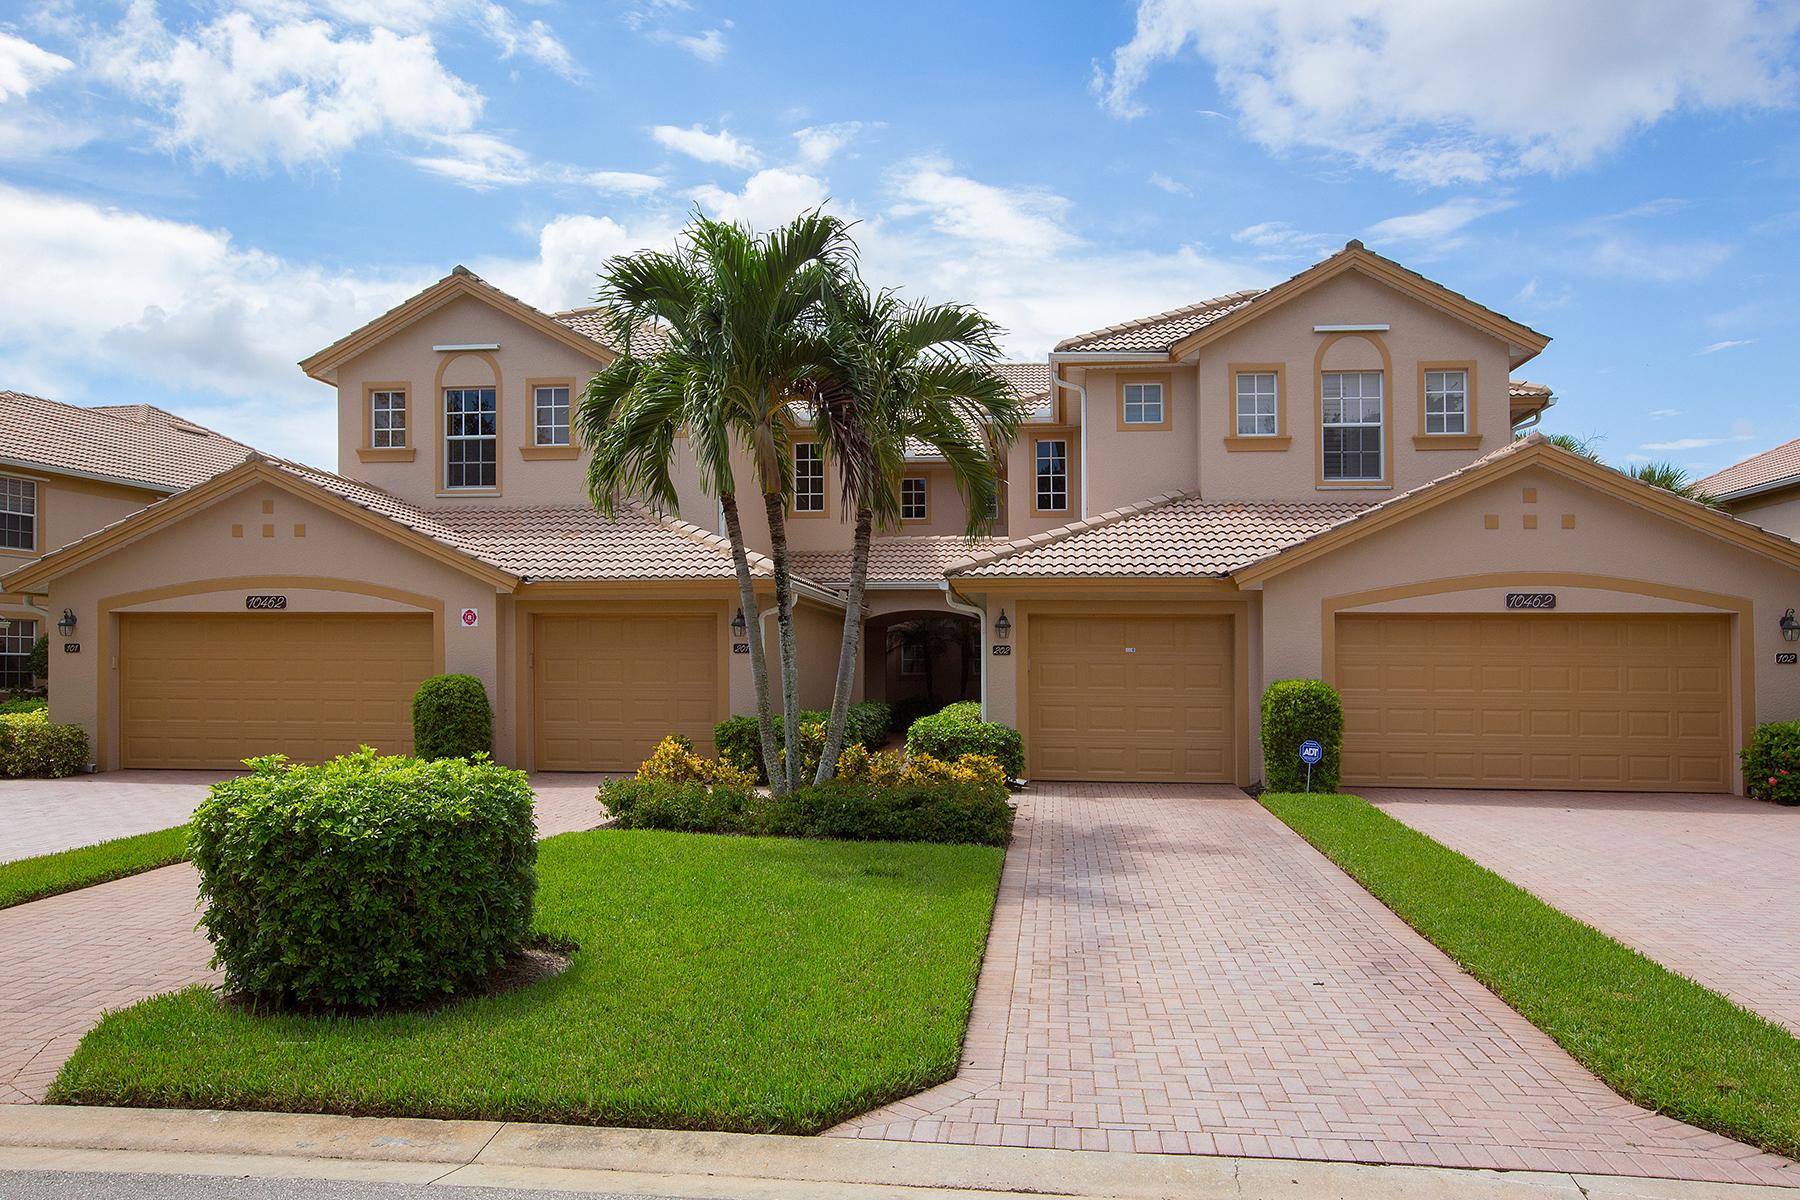 Eigentumswohnung für Verkauf beim OAK HAMMOCK 10462 Autumn Breeze Dr 202 Estero, Florida, 34135 Vereinigte Staaten